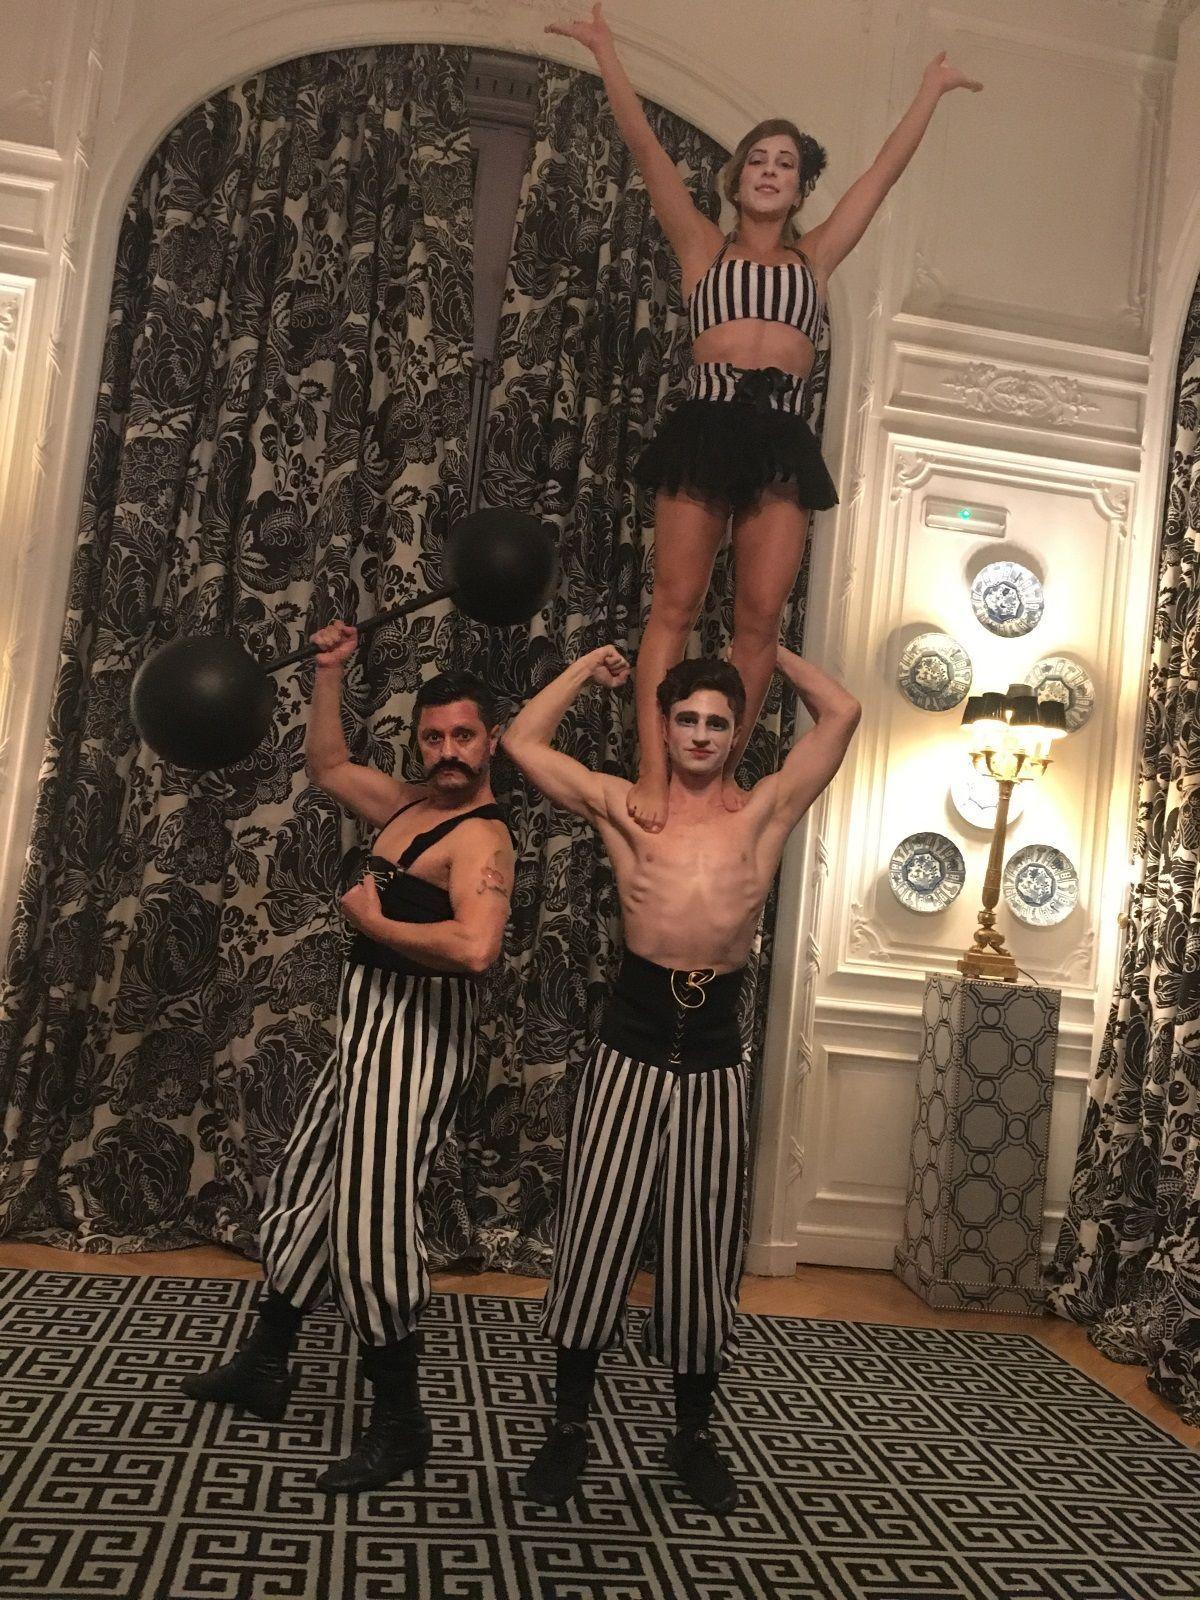 Espectaculos de circo - Forzudo y acróbatas